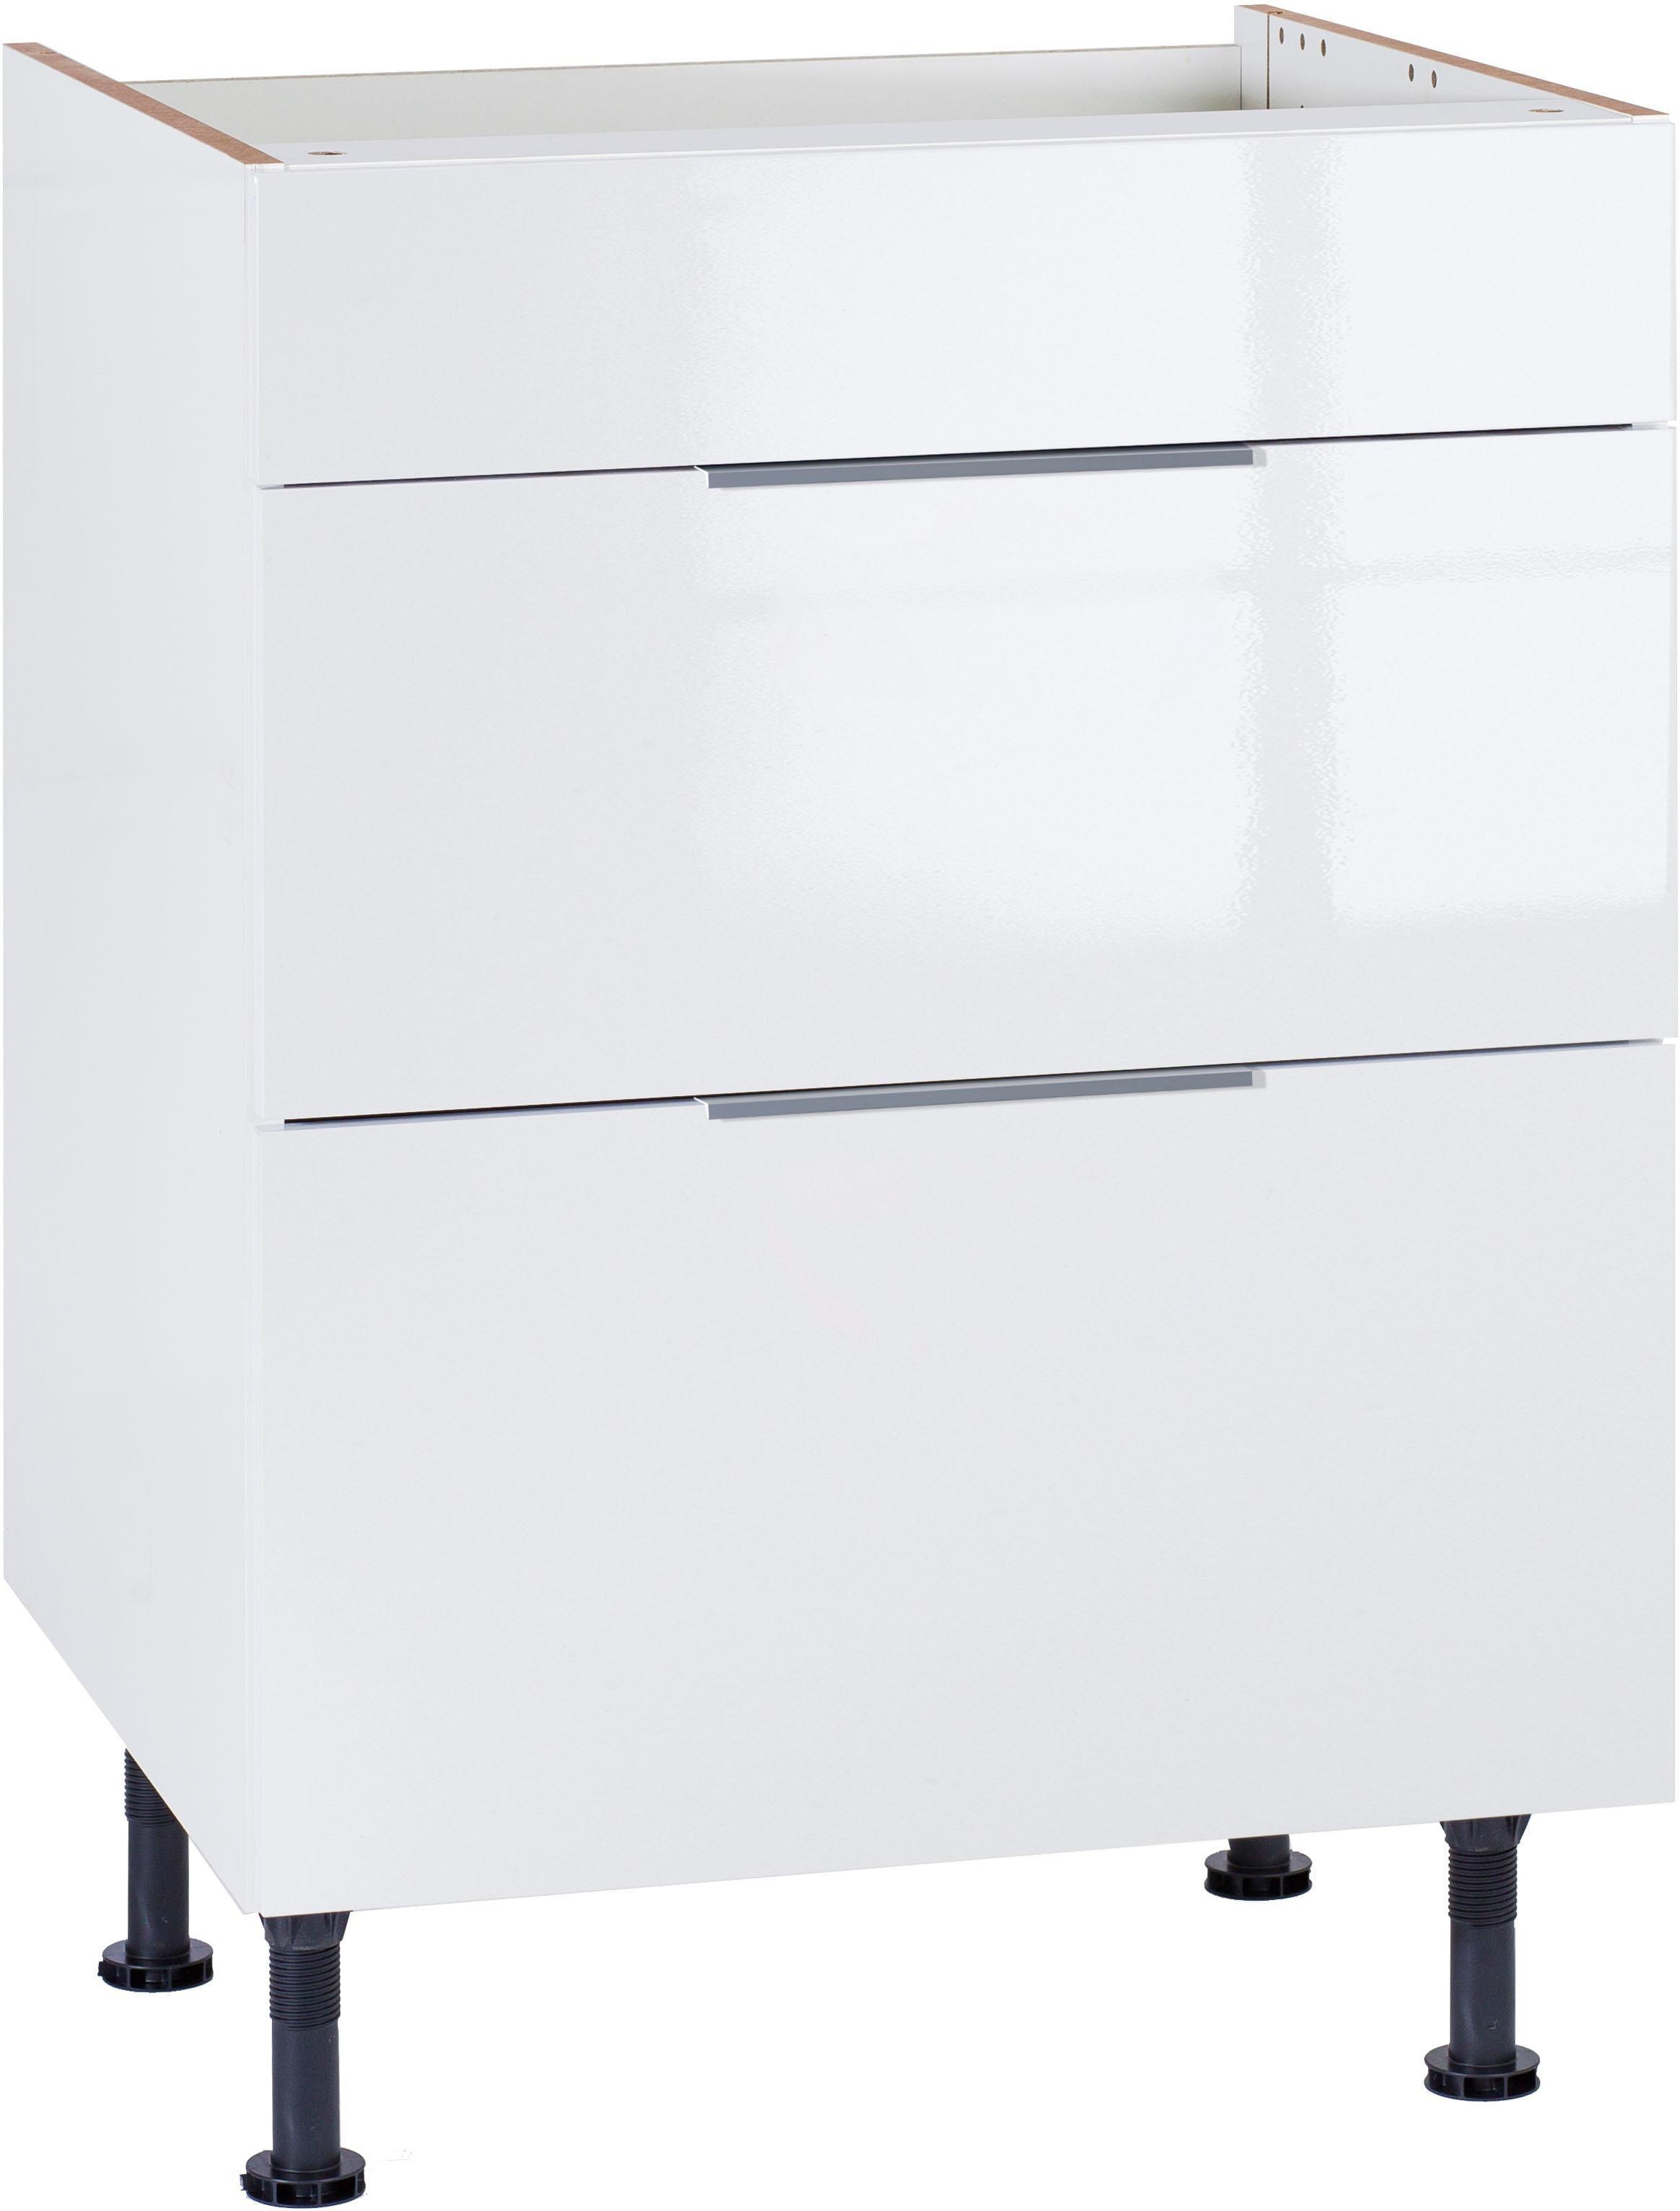 OPTIFIT Kochfeldumbauschrank Tara | Küche und Esszimmer > Küchenschränke > Umbauschränke | Weiß | Beton - Glänzend - Metall - Melamin | Optifit